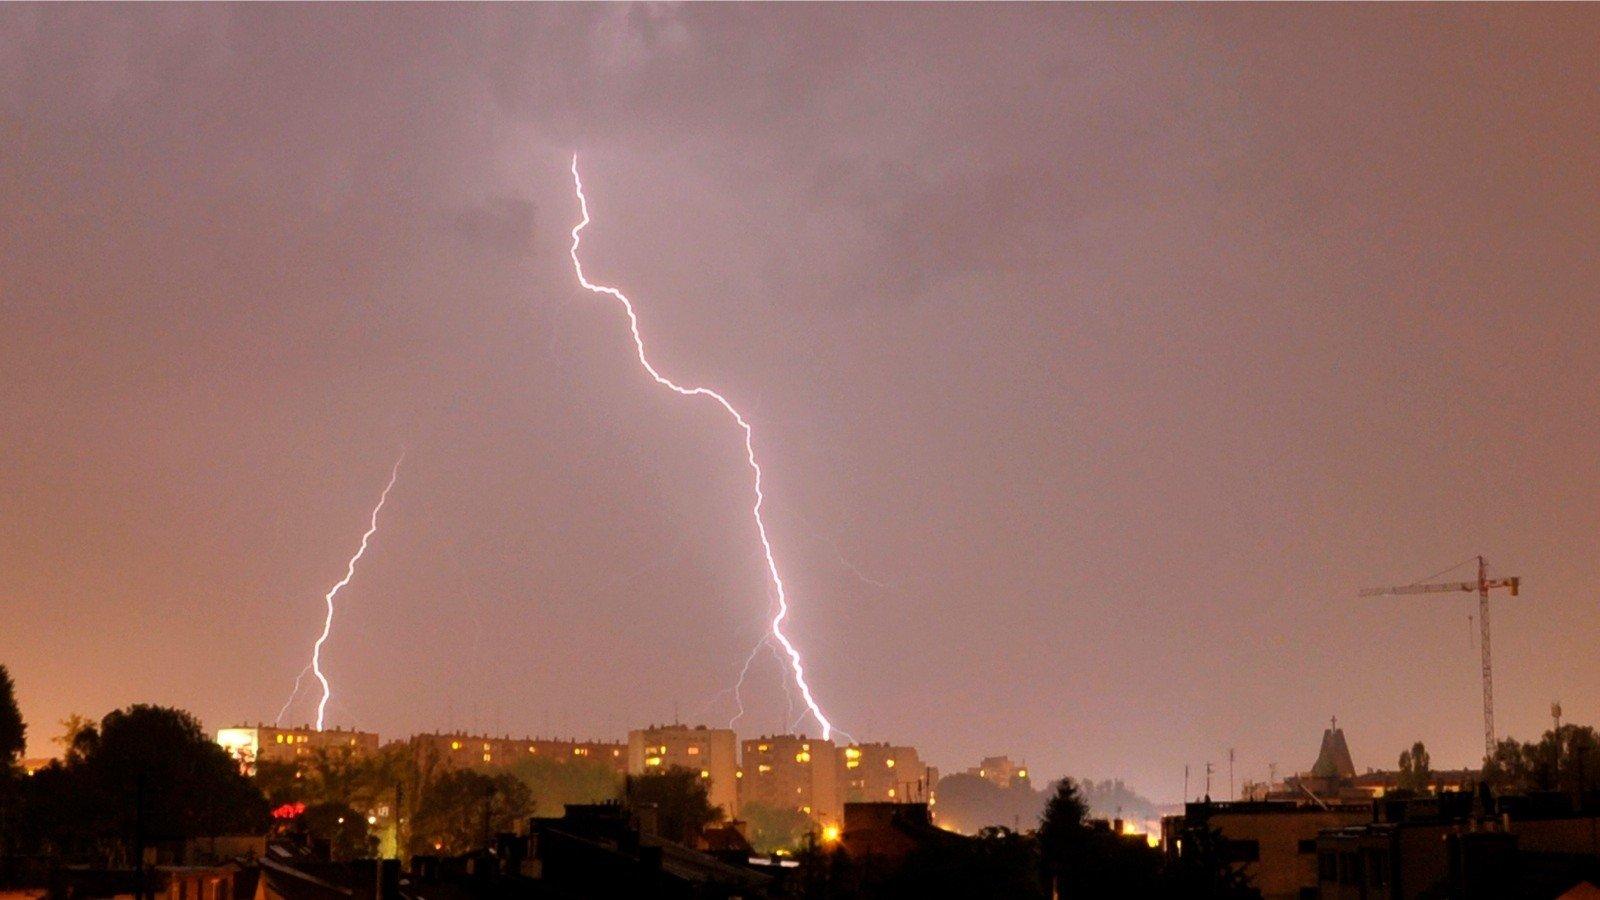 Gdzie jest burza? Mapa burzowa i Radar burzowy online. IMGW ostrzeżenia przed burzą 13 04 | Gazeta Krakowska